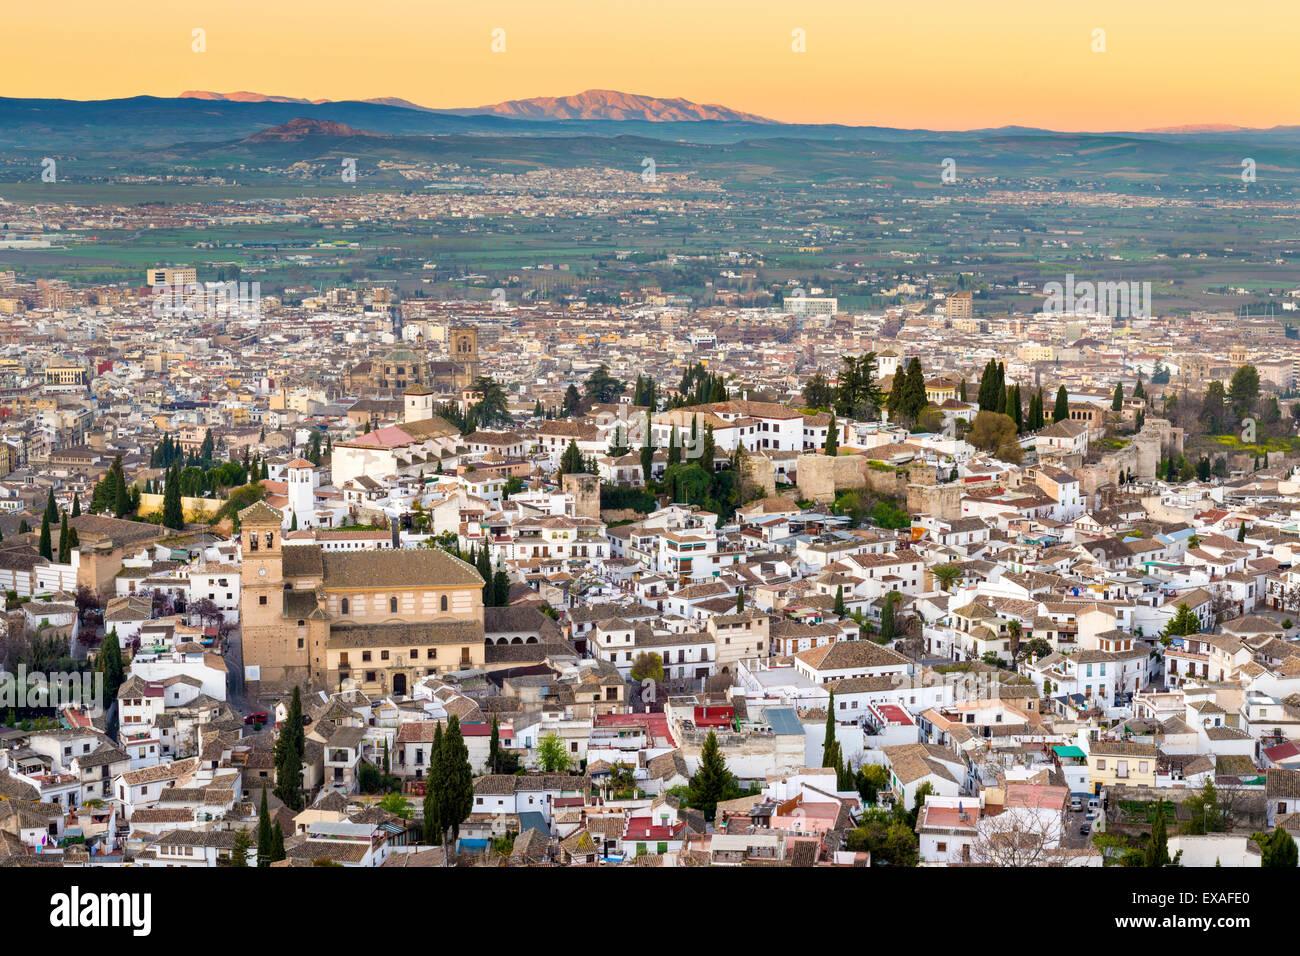 Ville de Grenade y compris la Iglesia del Salvador, Grenade, Andalousie, Espagne, Europe Photo Stock